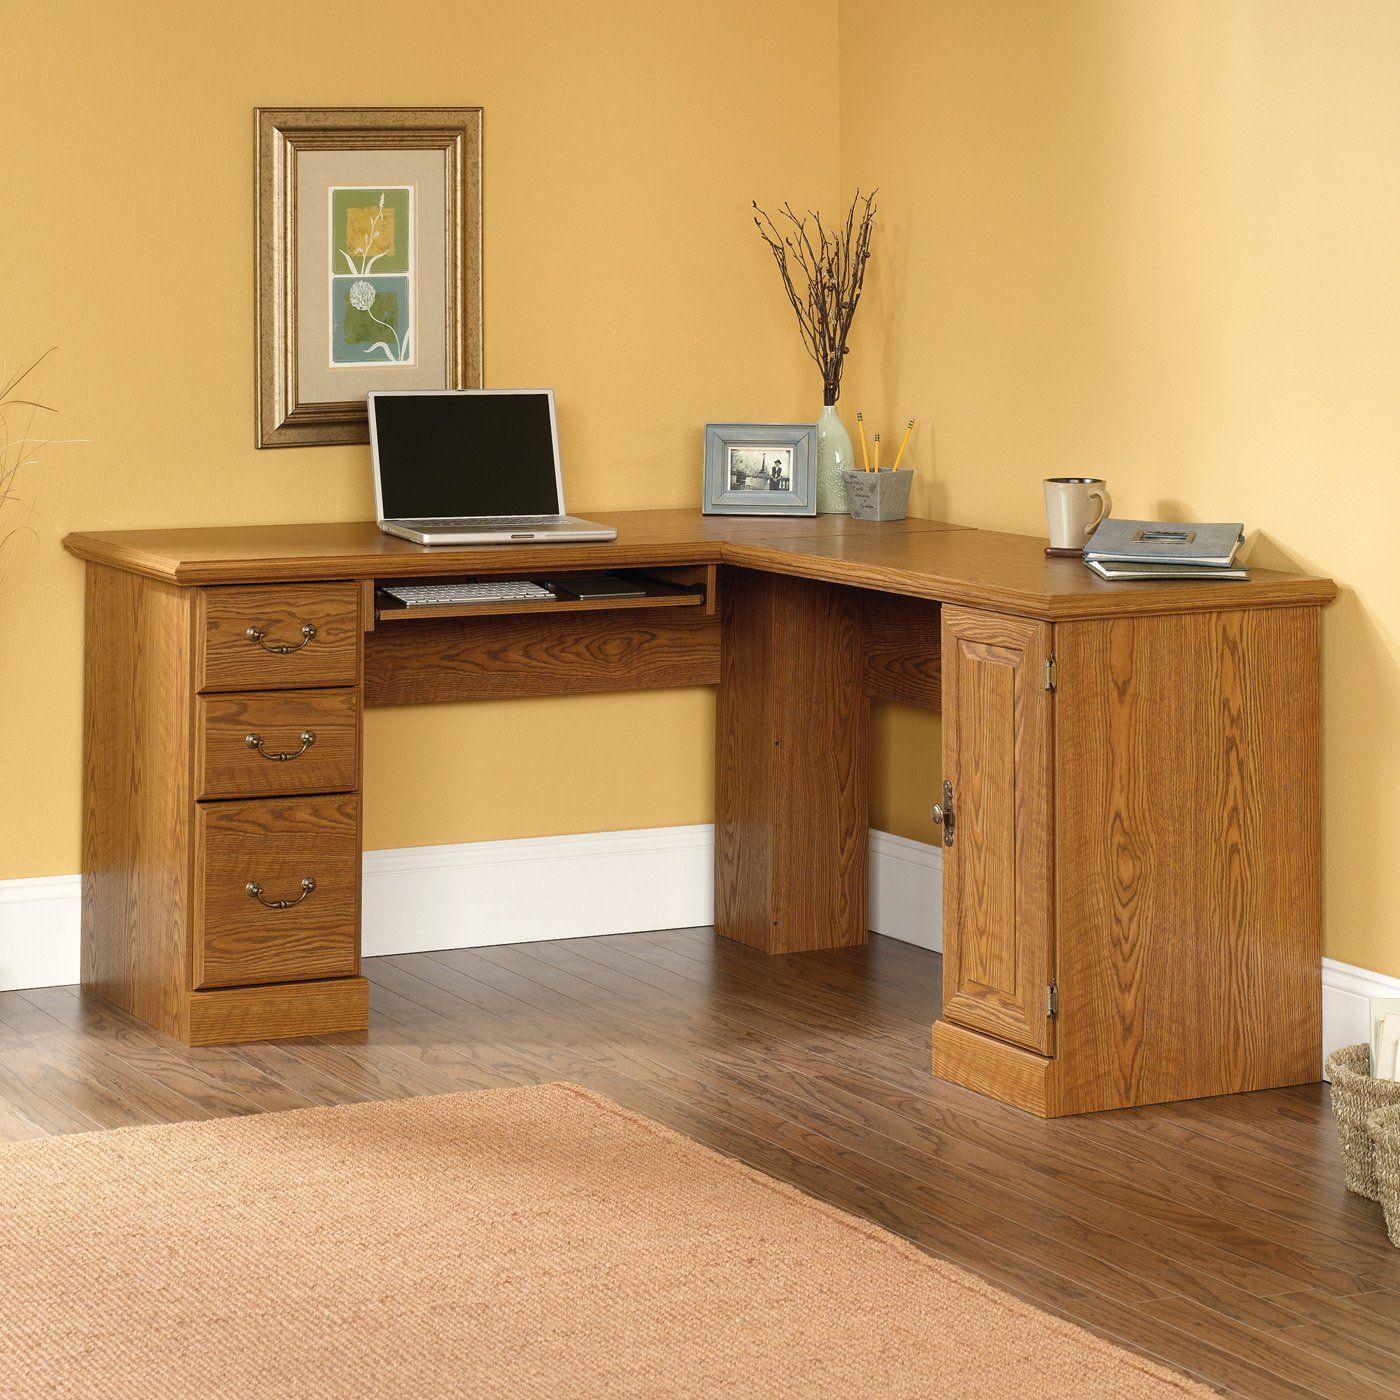 99 Oak Corner Desks For Home Office Expensive Furniture Check More At